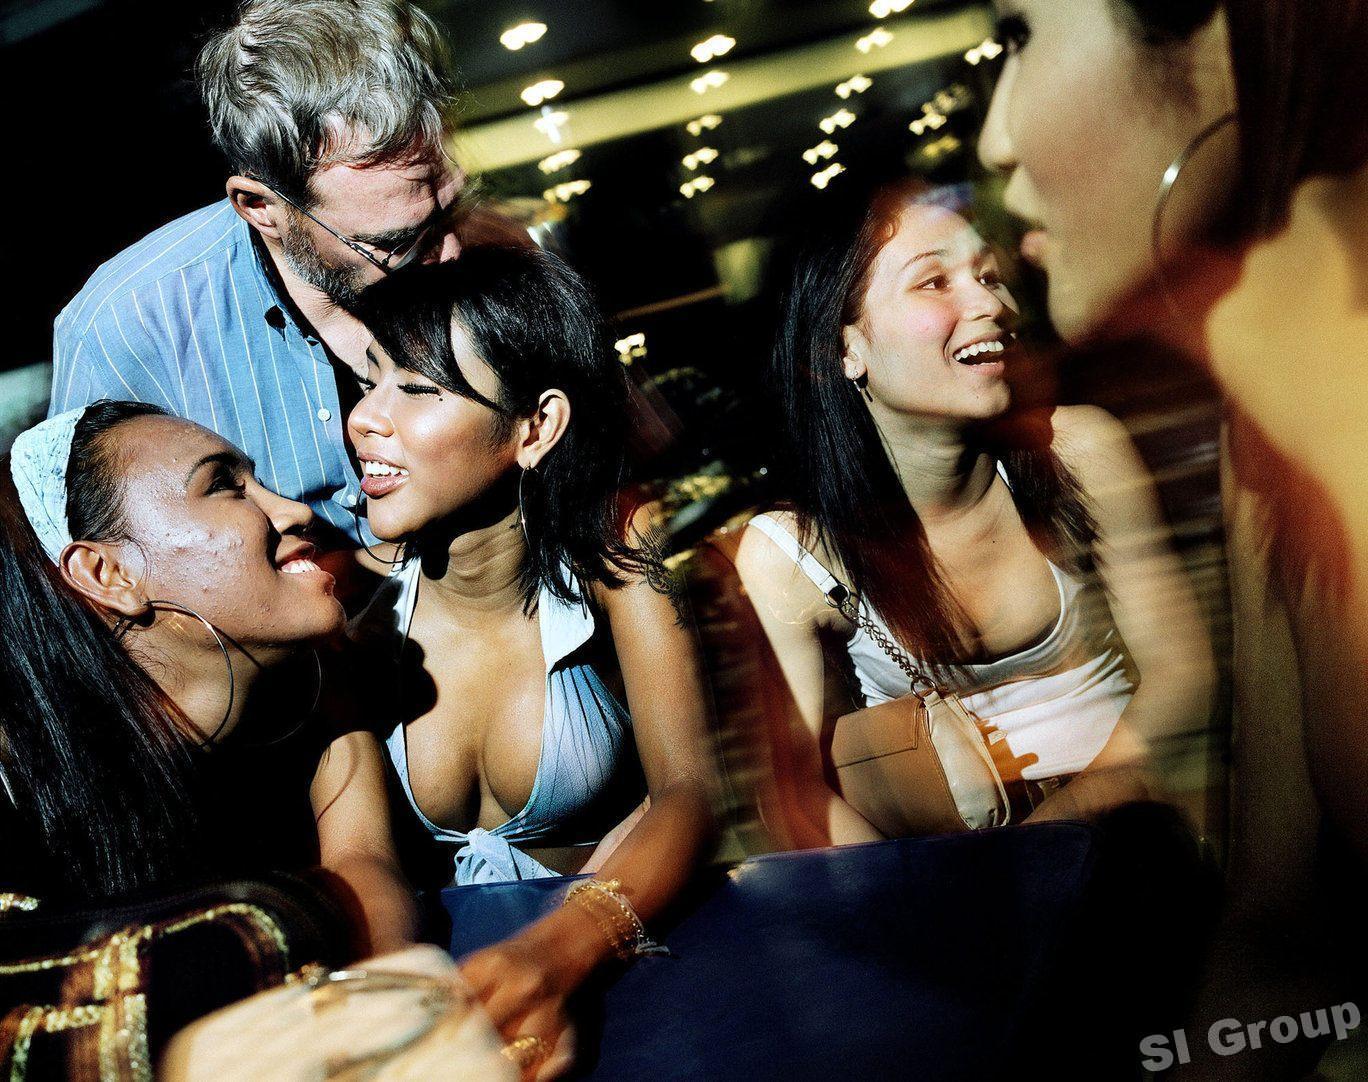 prostitutas vietnam menores prostitutas